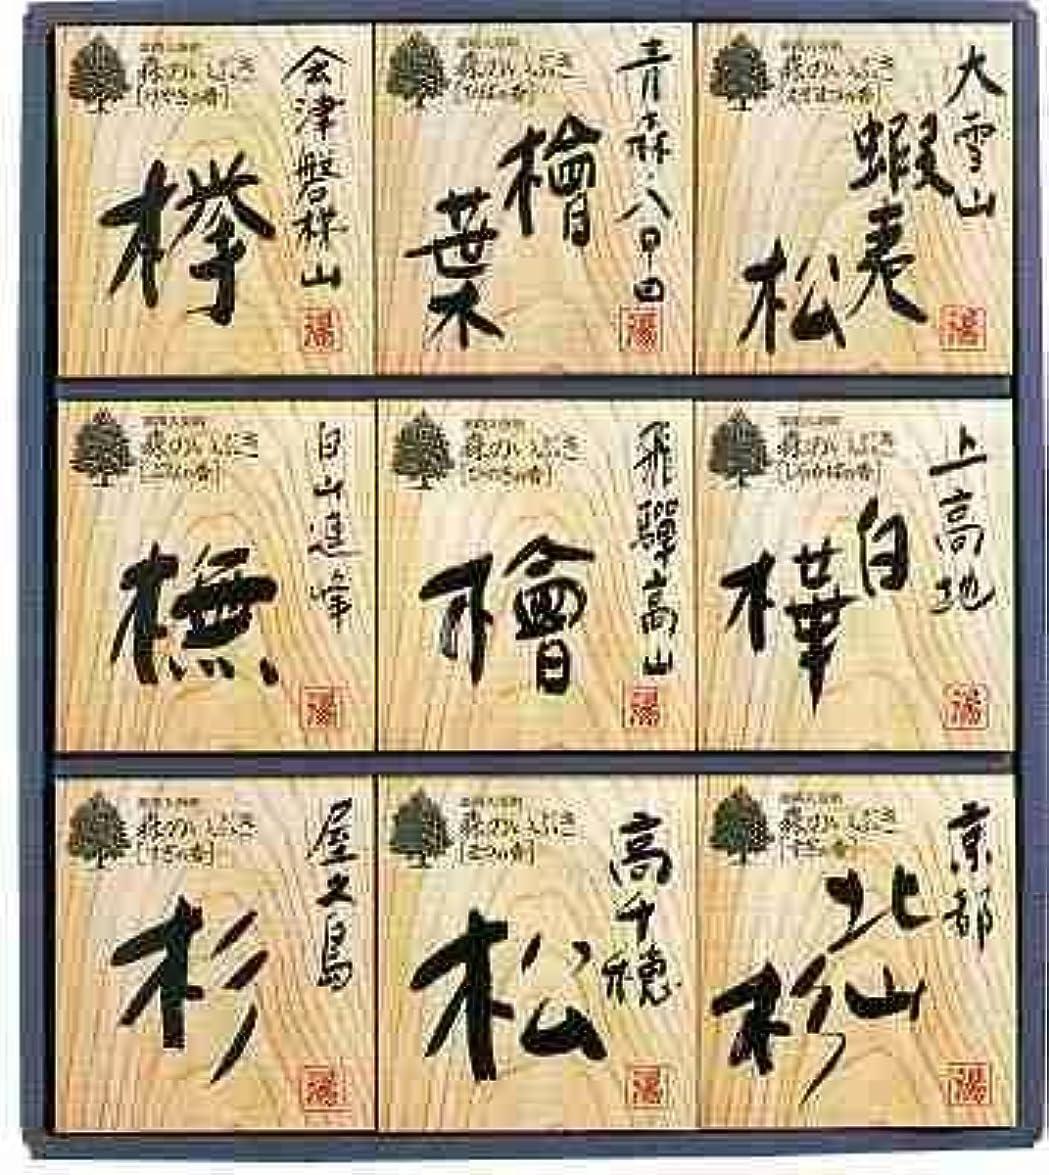 シリーズ専門十家計応援 薬用入浴剤「森のいぶき」3,240円 6セット